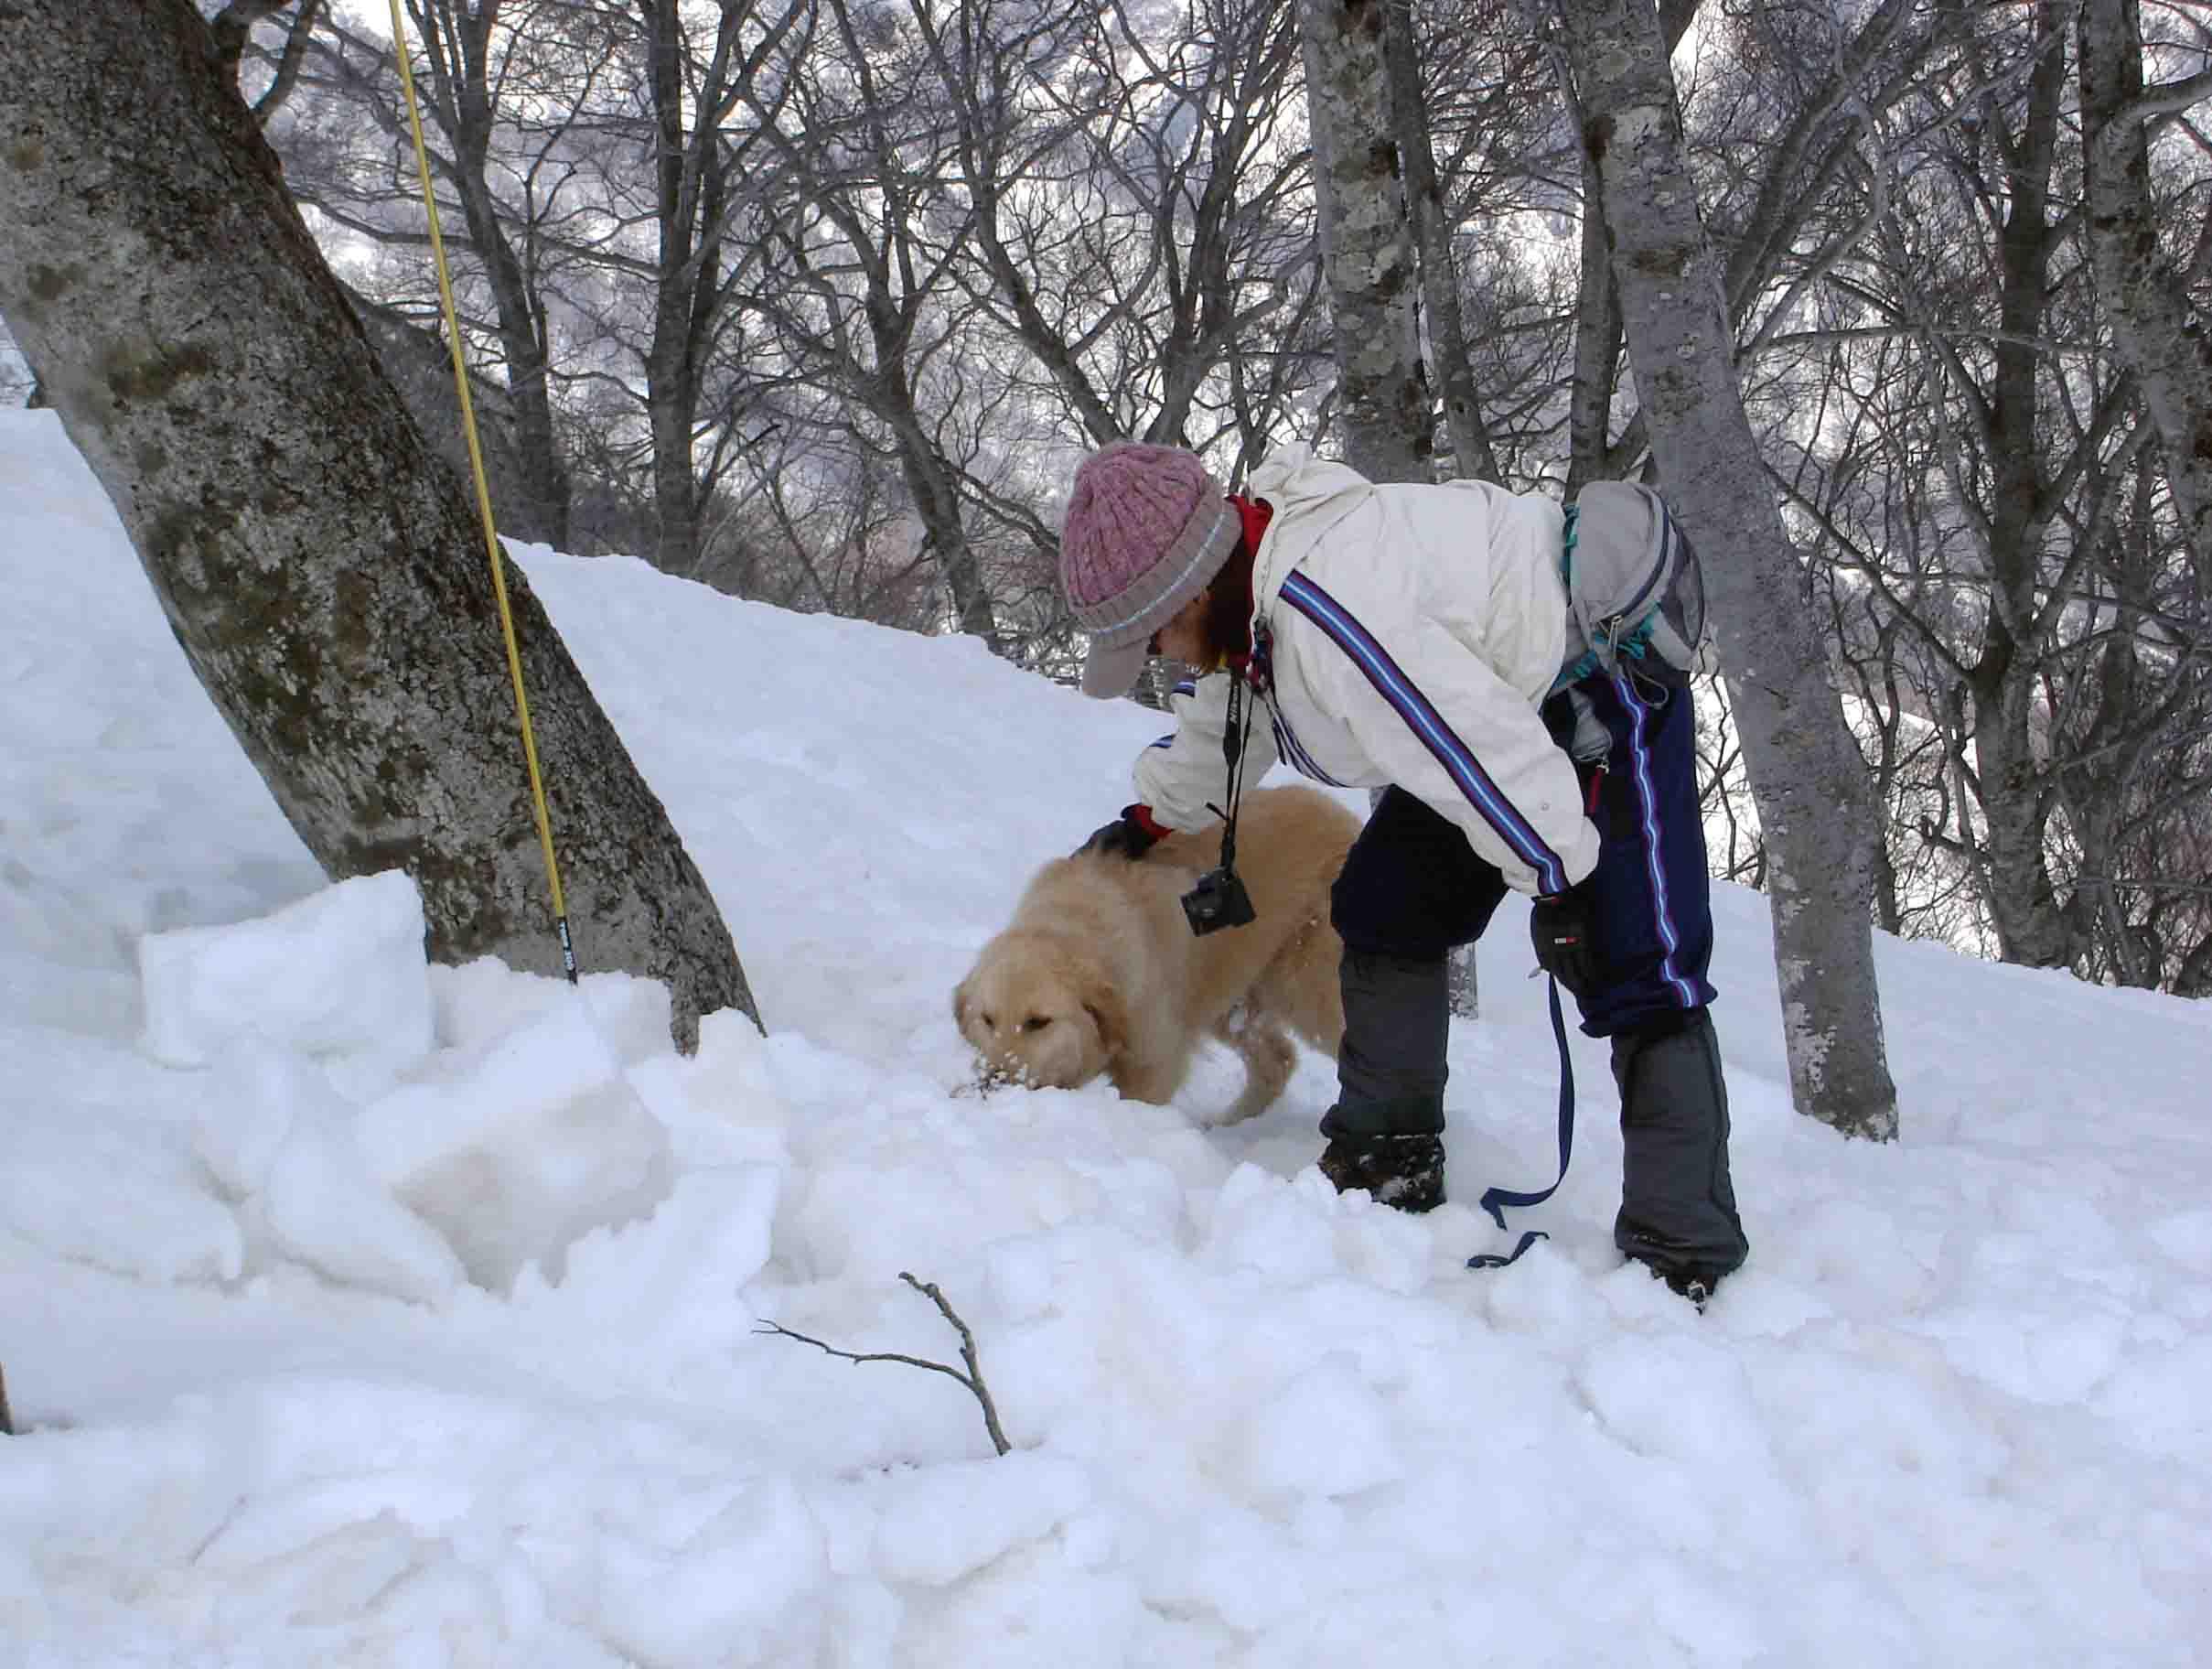 雪中訓練Ⅱ(27) GMD捜索